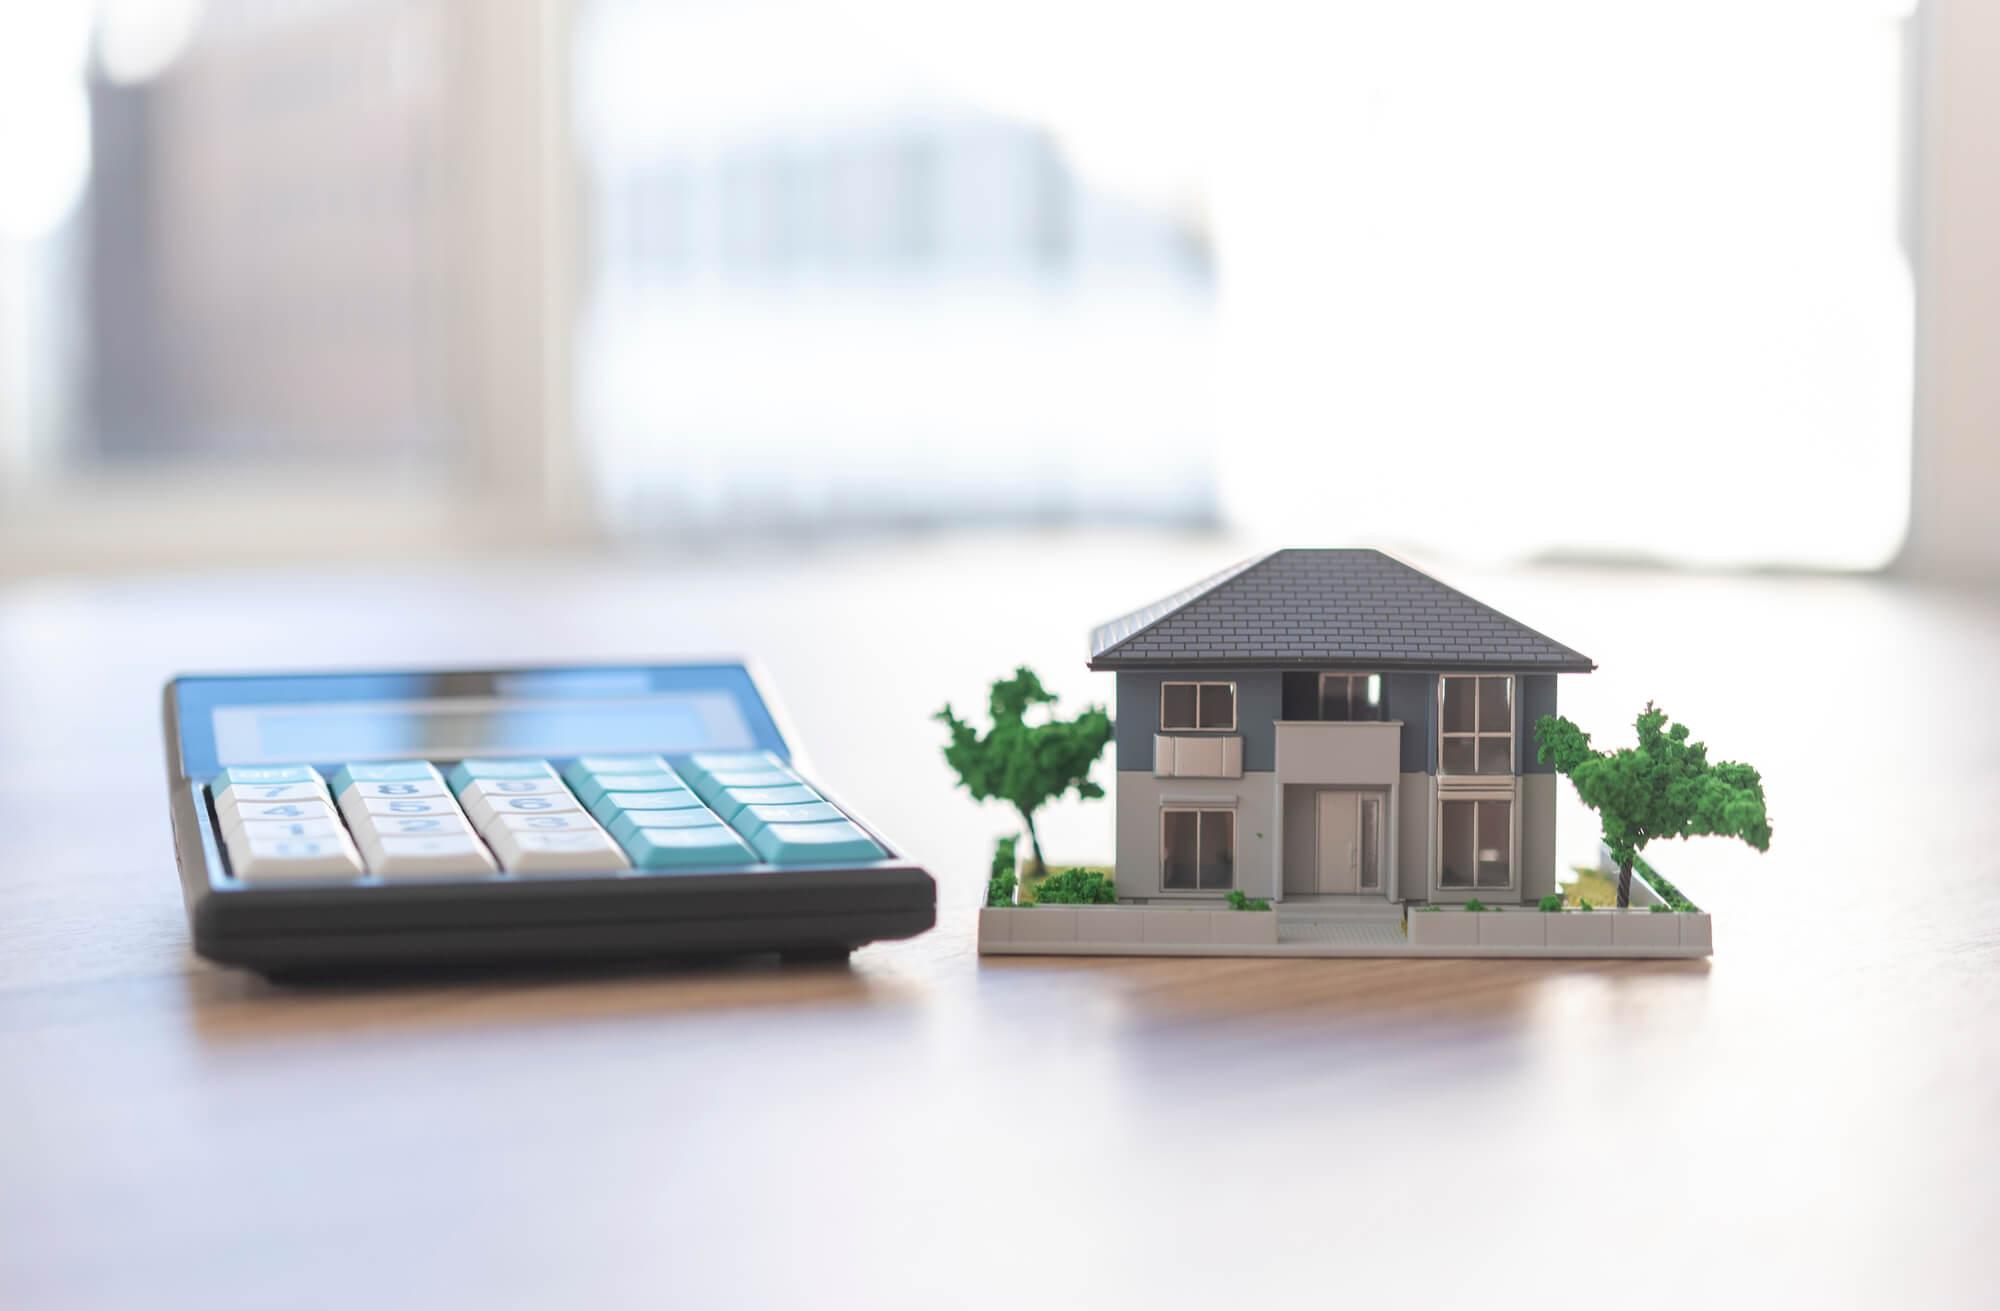 リースバックの買取価格と家賃の相場|押さえておきたい査定価格と賃料の求め方